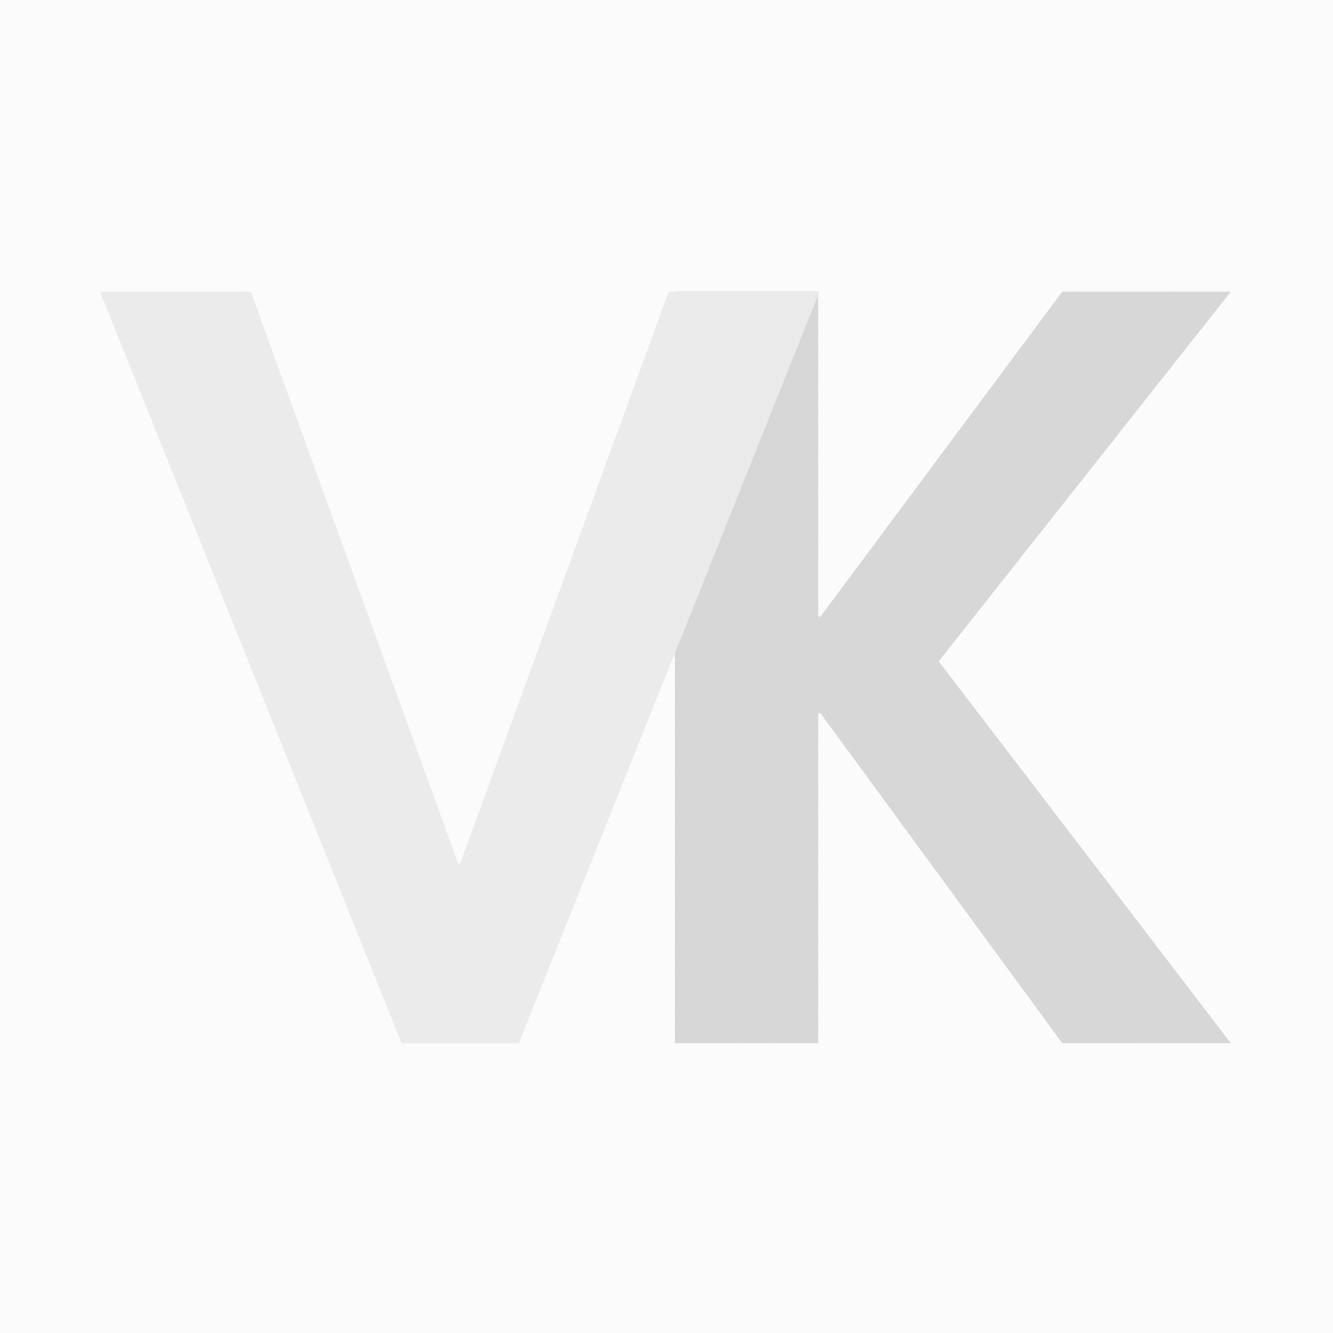 Kaplaken Wako Barber Zwart/Wit Gestreept